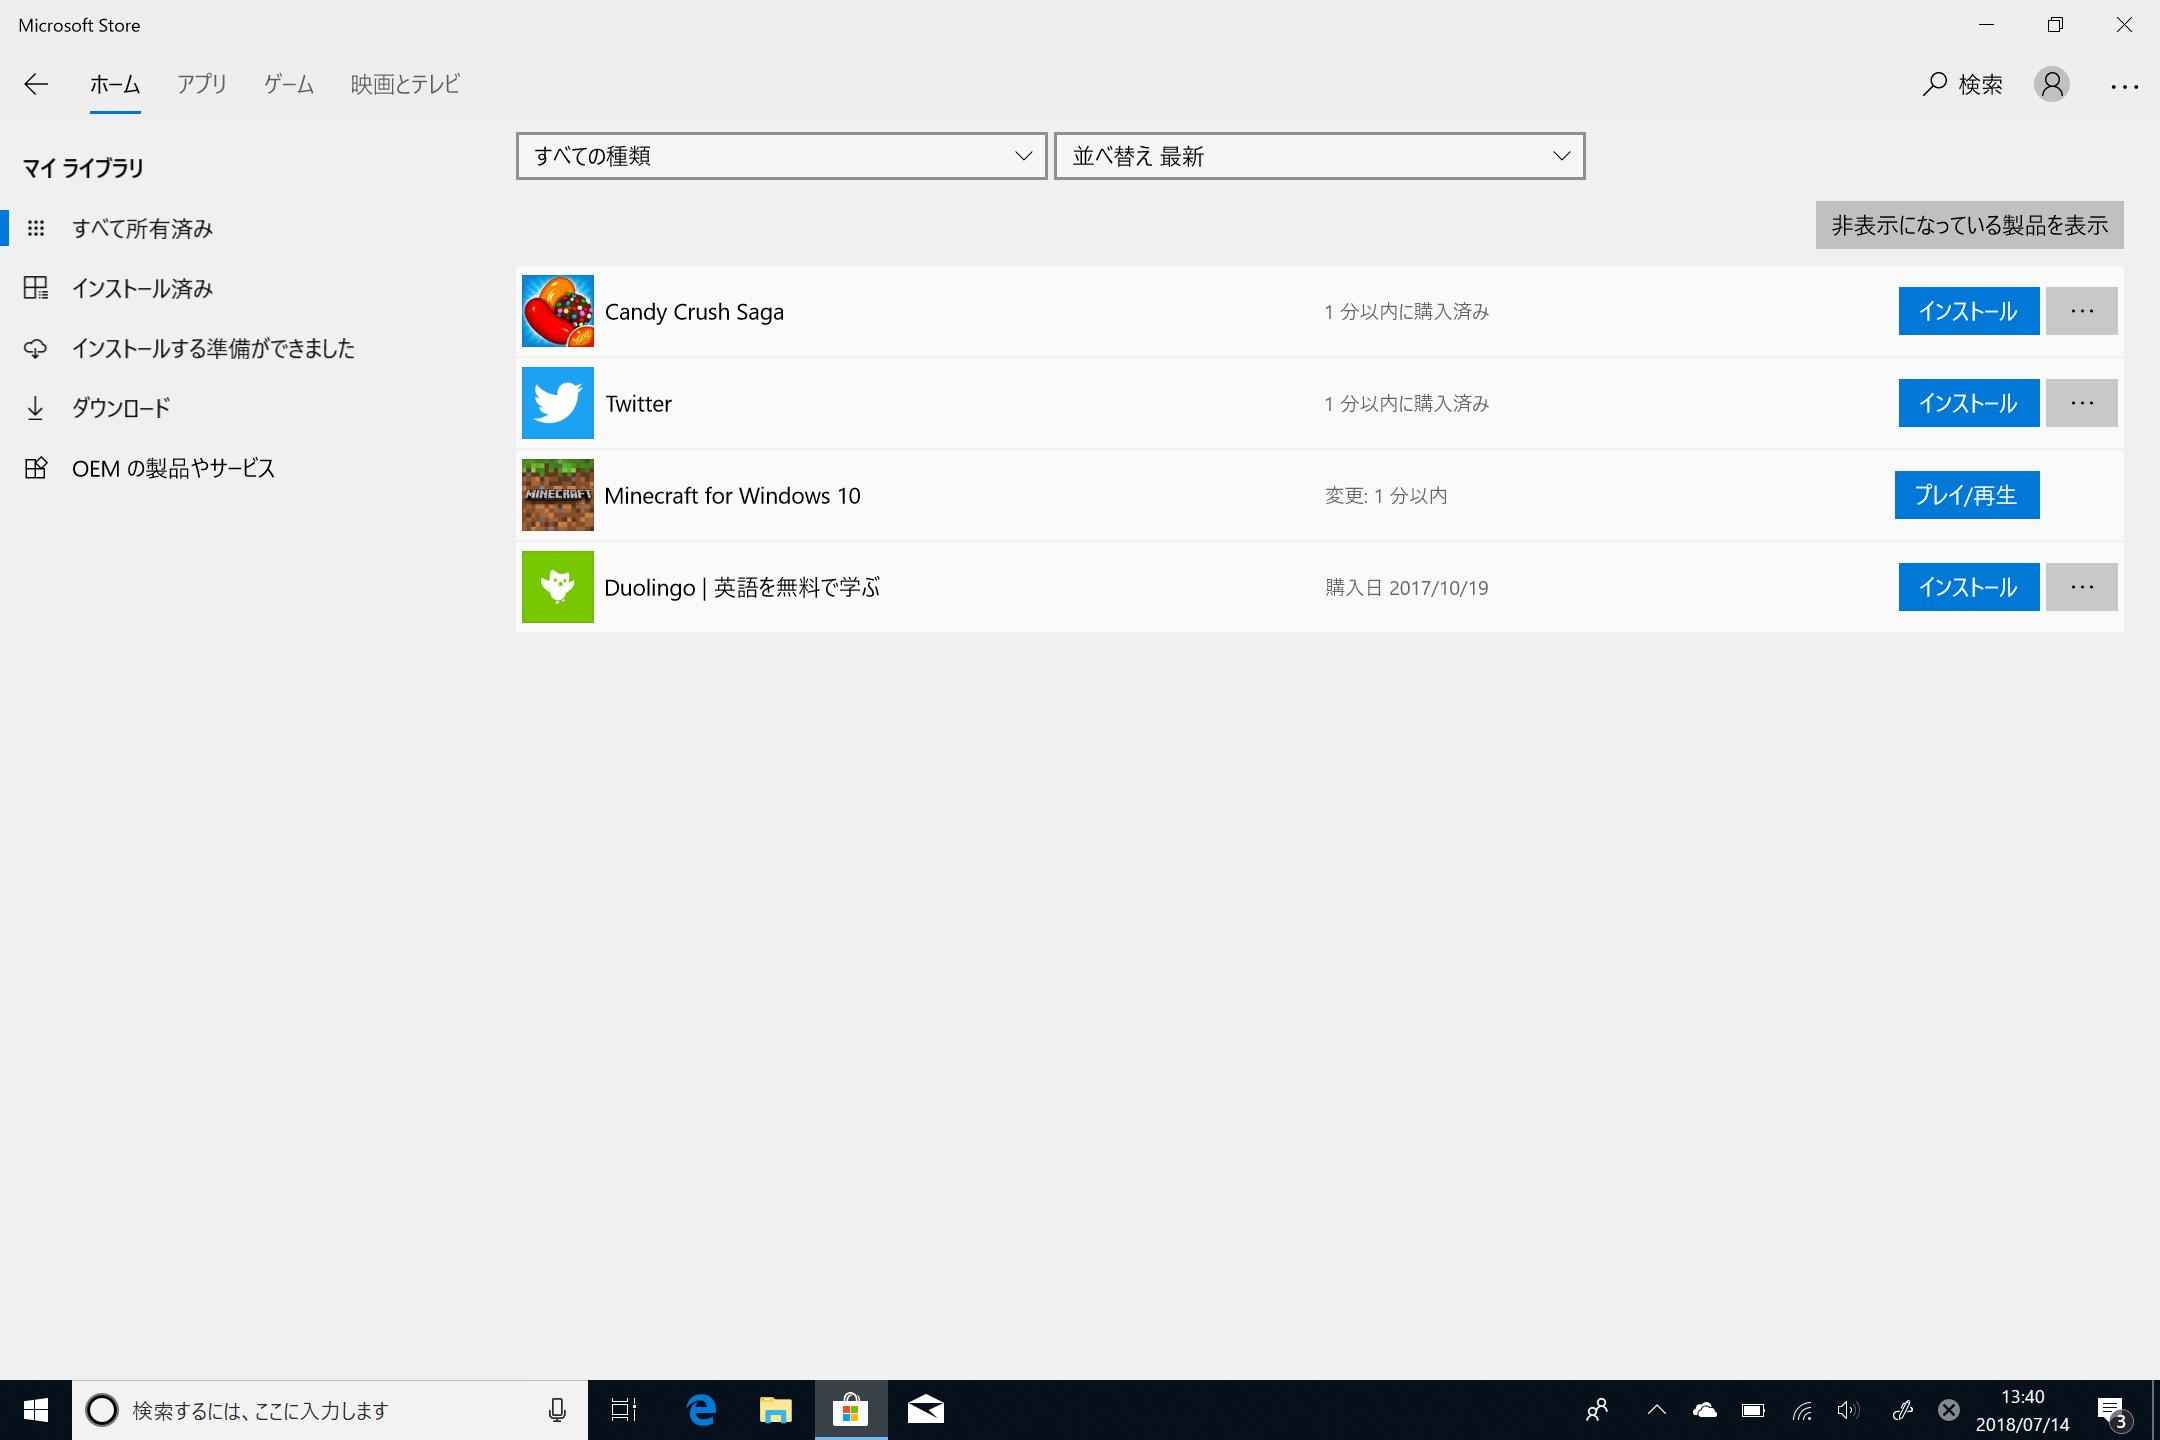 「マイライブラリ」を開いて、「Minecraft for Windows 10」が表示されていることを確認し、「プレイ/再生」を選択する。